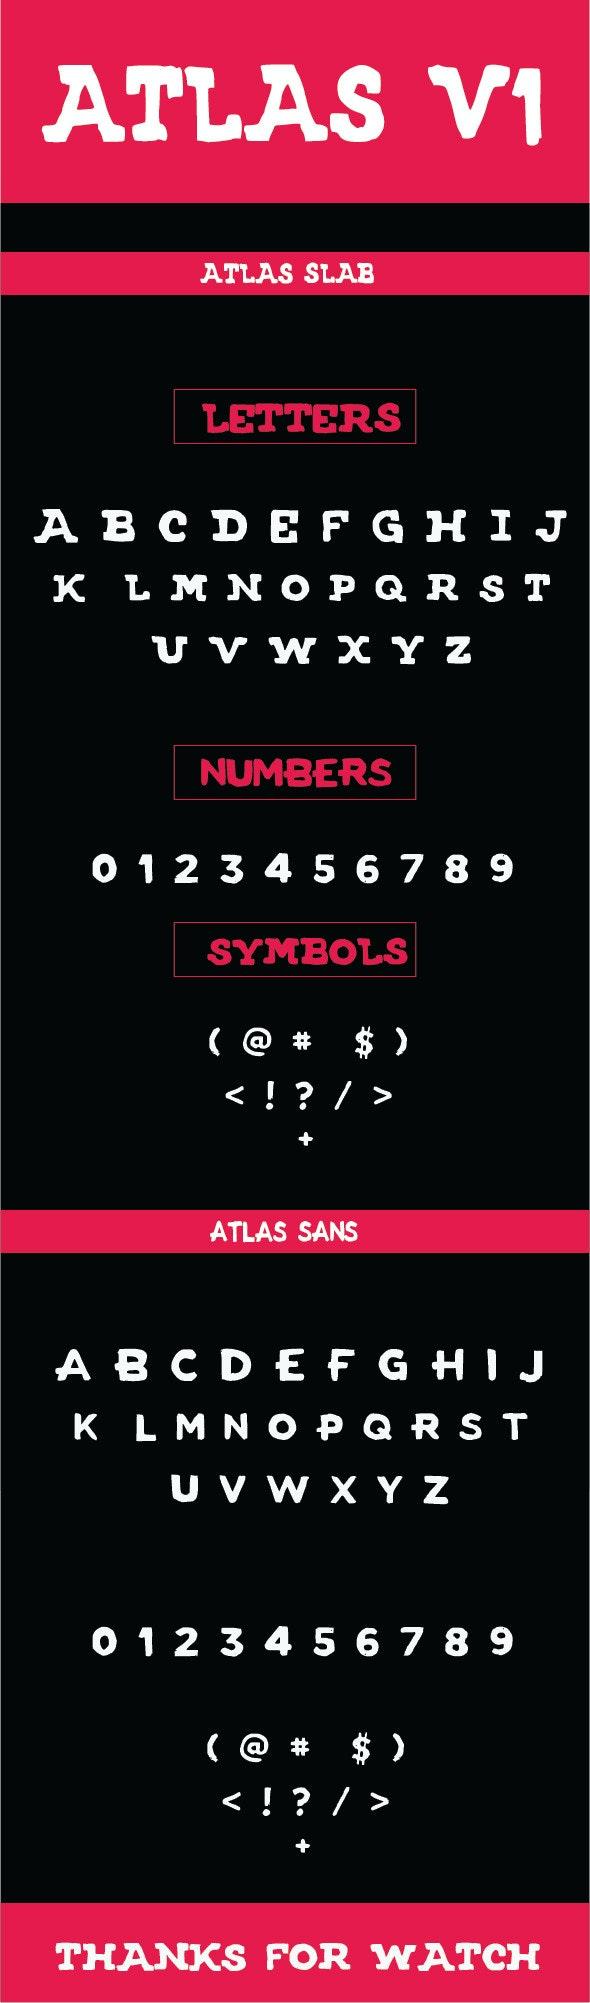 ATLAS FONT V1 - Decorative Fonts